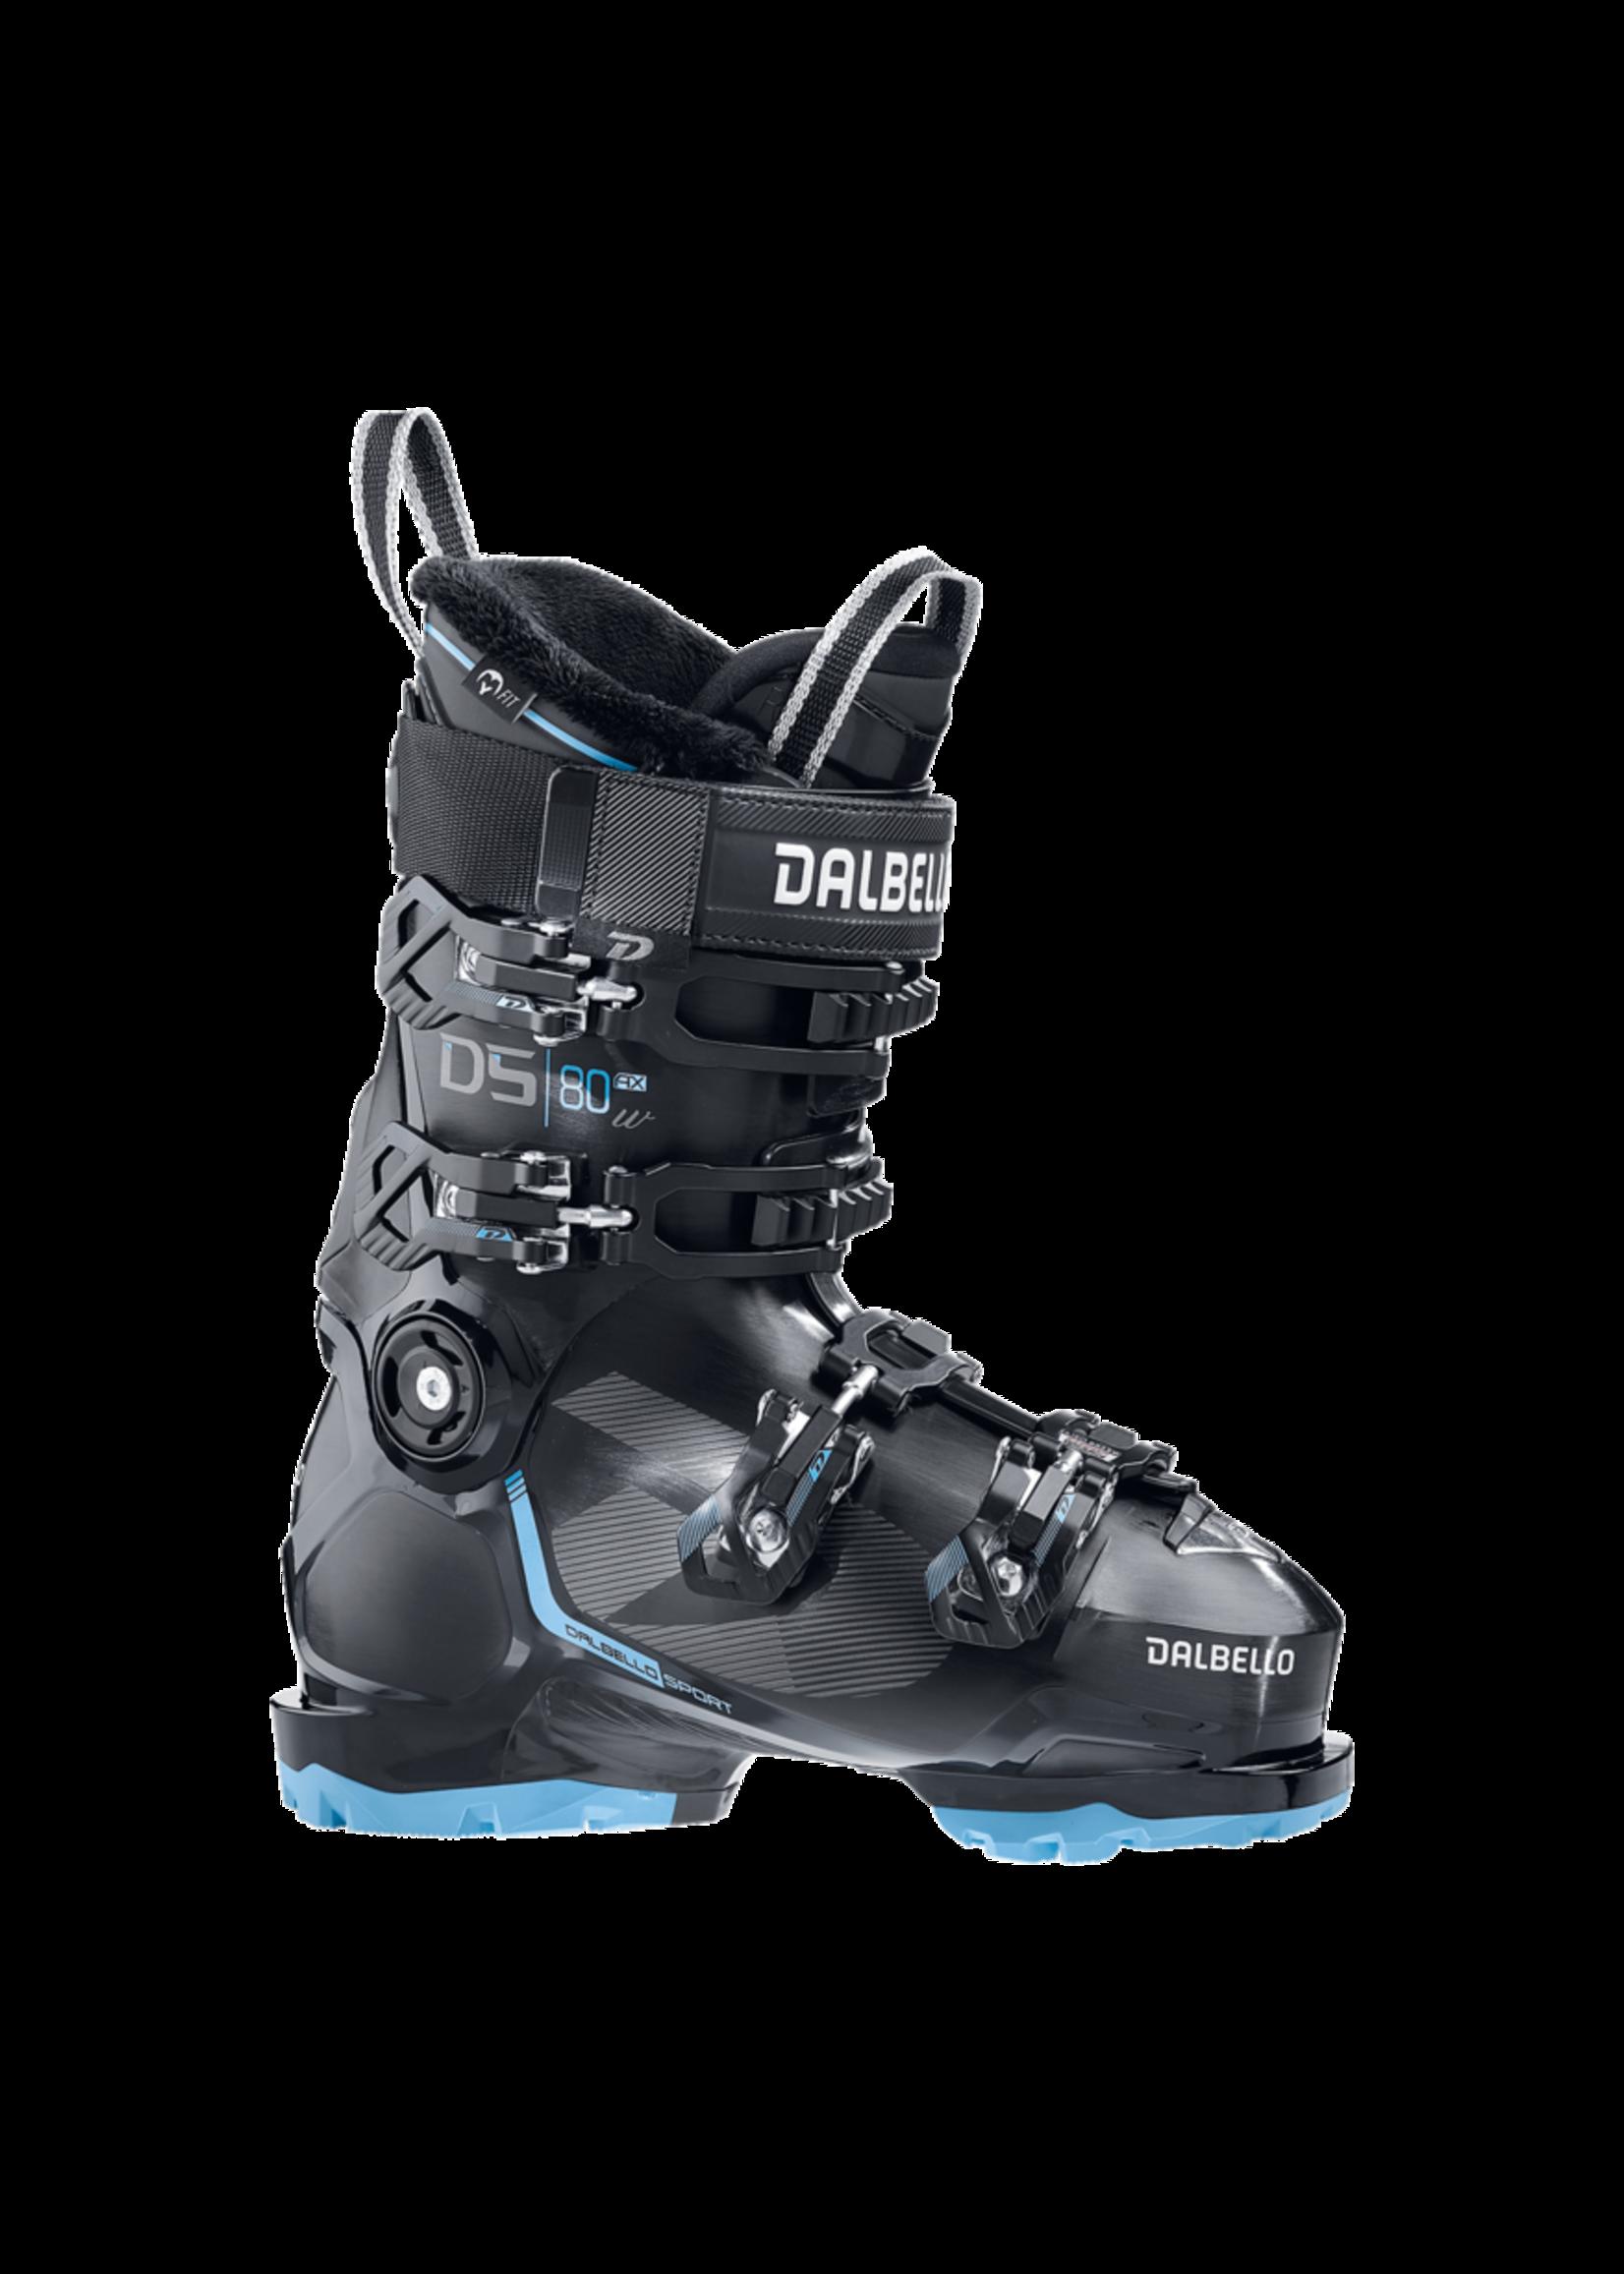 Dalbello Dalbello DS AX 80 W GW